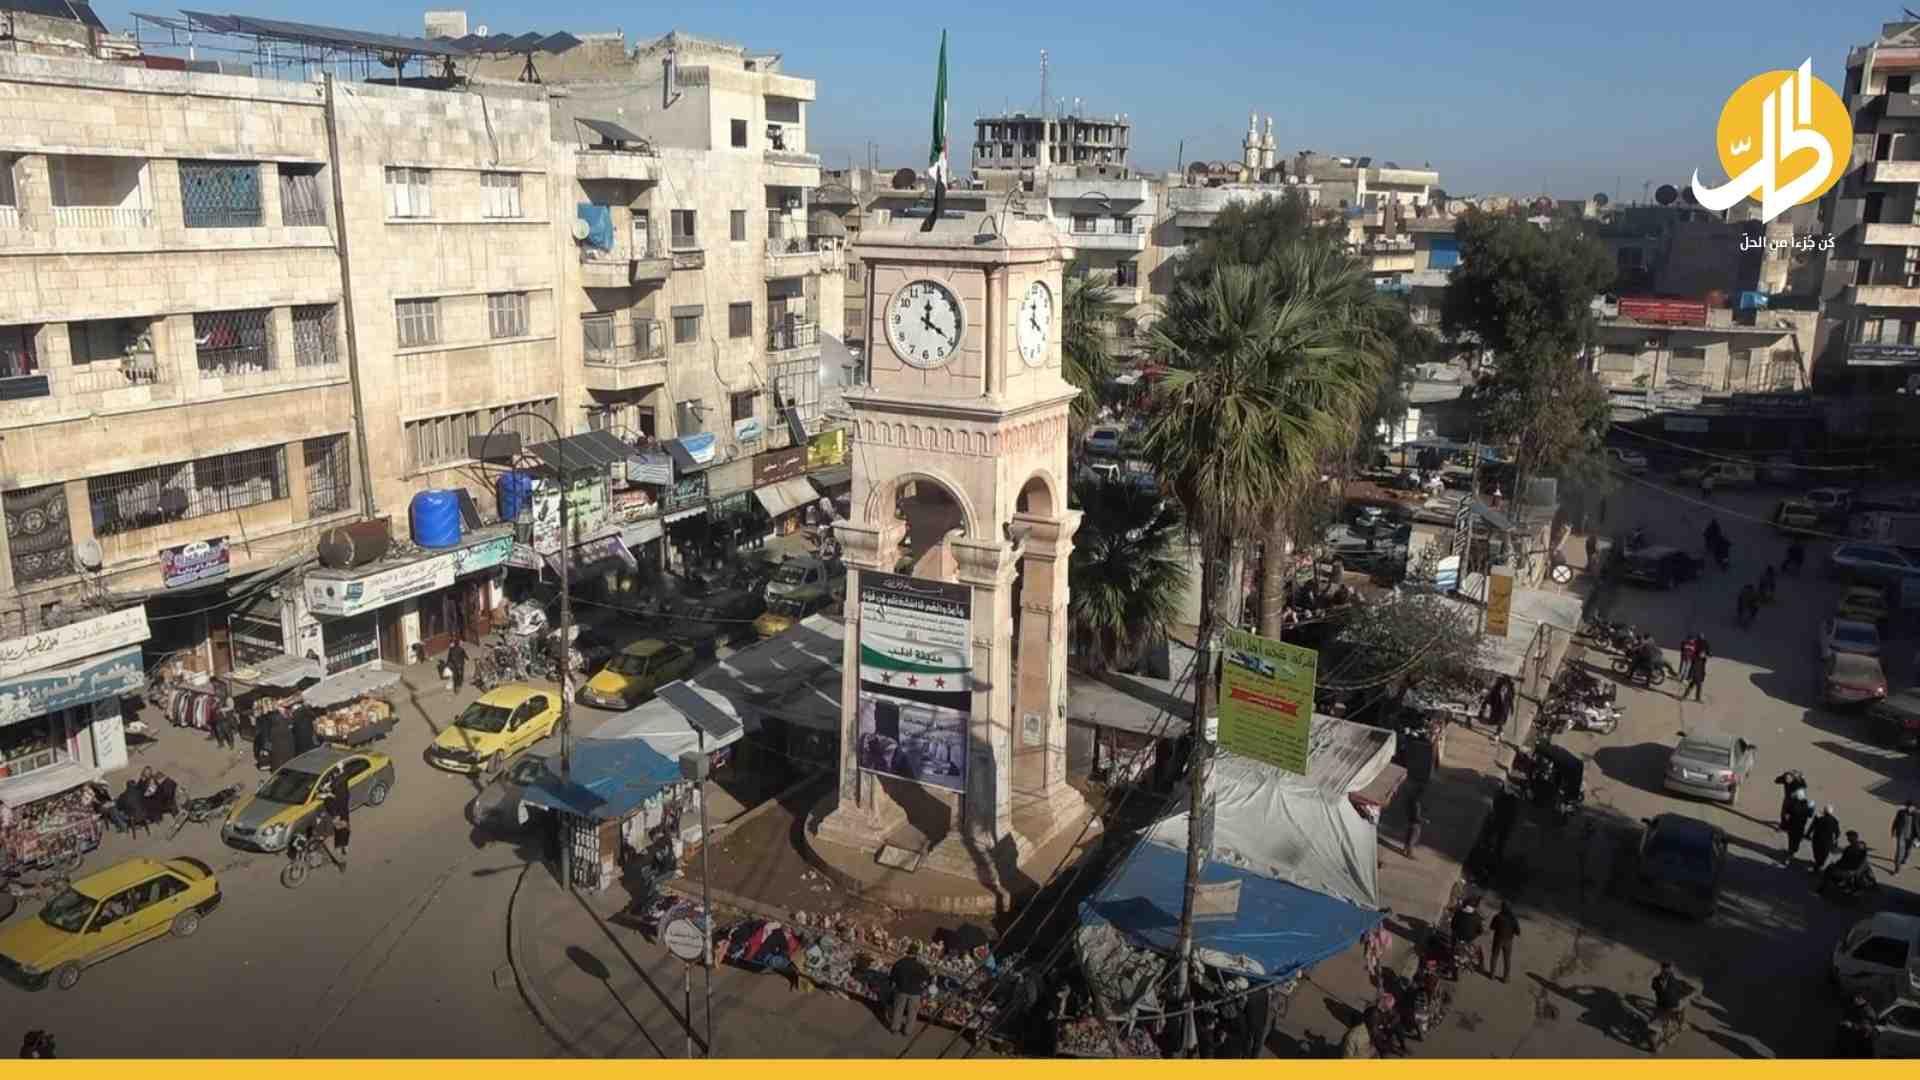 إعلان القبض على «عصابة» خطفت وقتلت وزيراً في إدلب